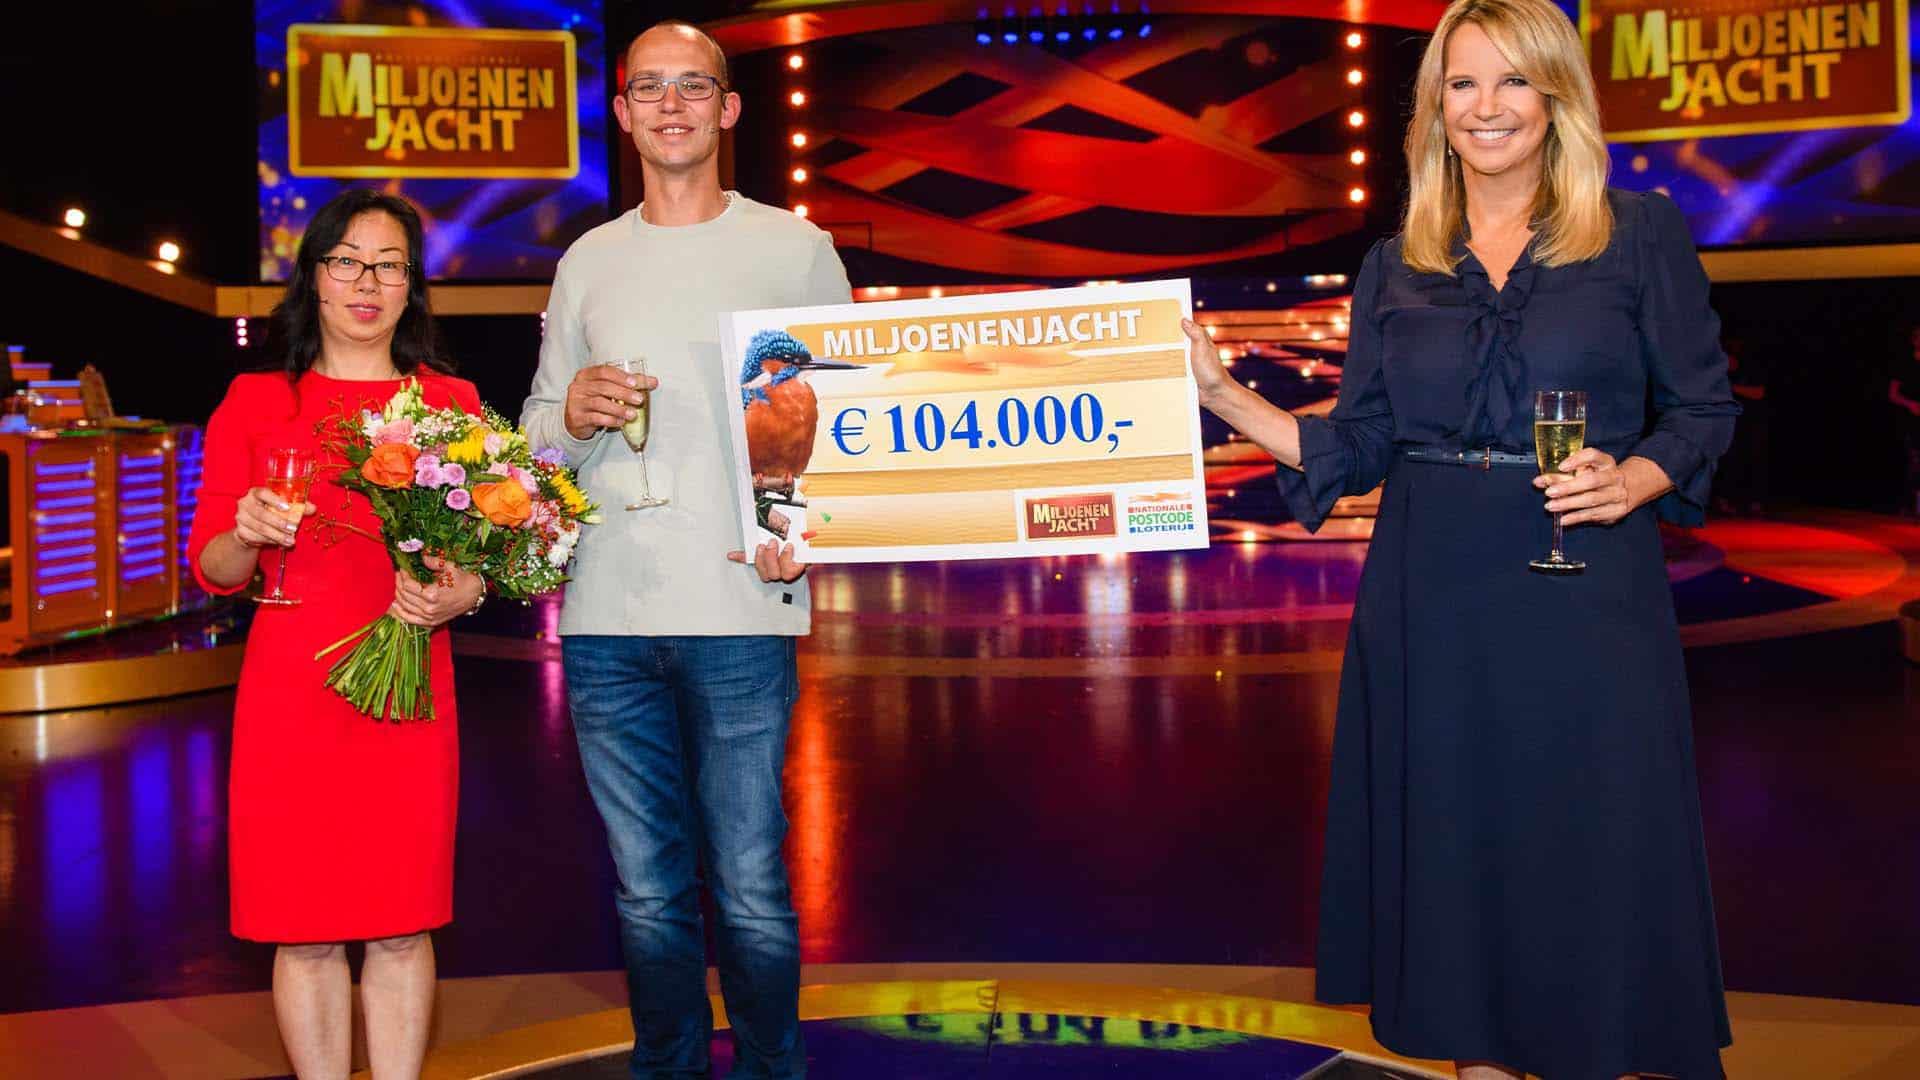 Nico-uit-Steenwijk-wint-104.000-euro-bij-tv-show-Miljoenenjacht